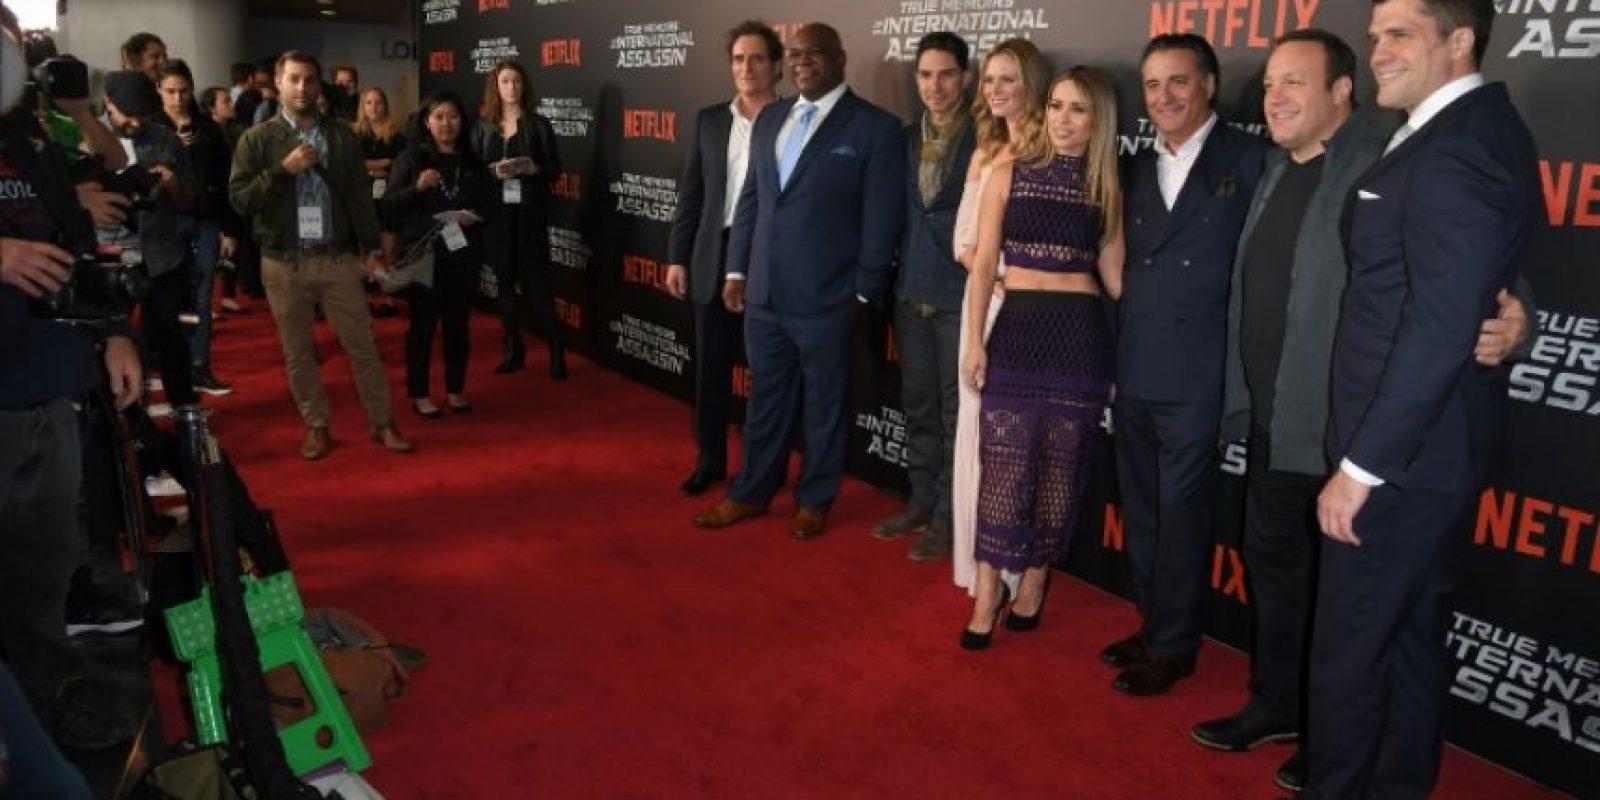 """El elenco y equipo asisten al estreno de la cinta de Netflix de """"Memorias Verdaderas de un Asesino Internacional"""" en el AMC Lincoln Square Theatre, el 3 de noviembre de 2016, en Nueva York. Foto:ANGELA WEISS/afp.com"""